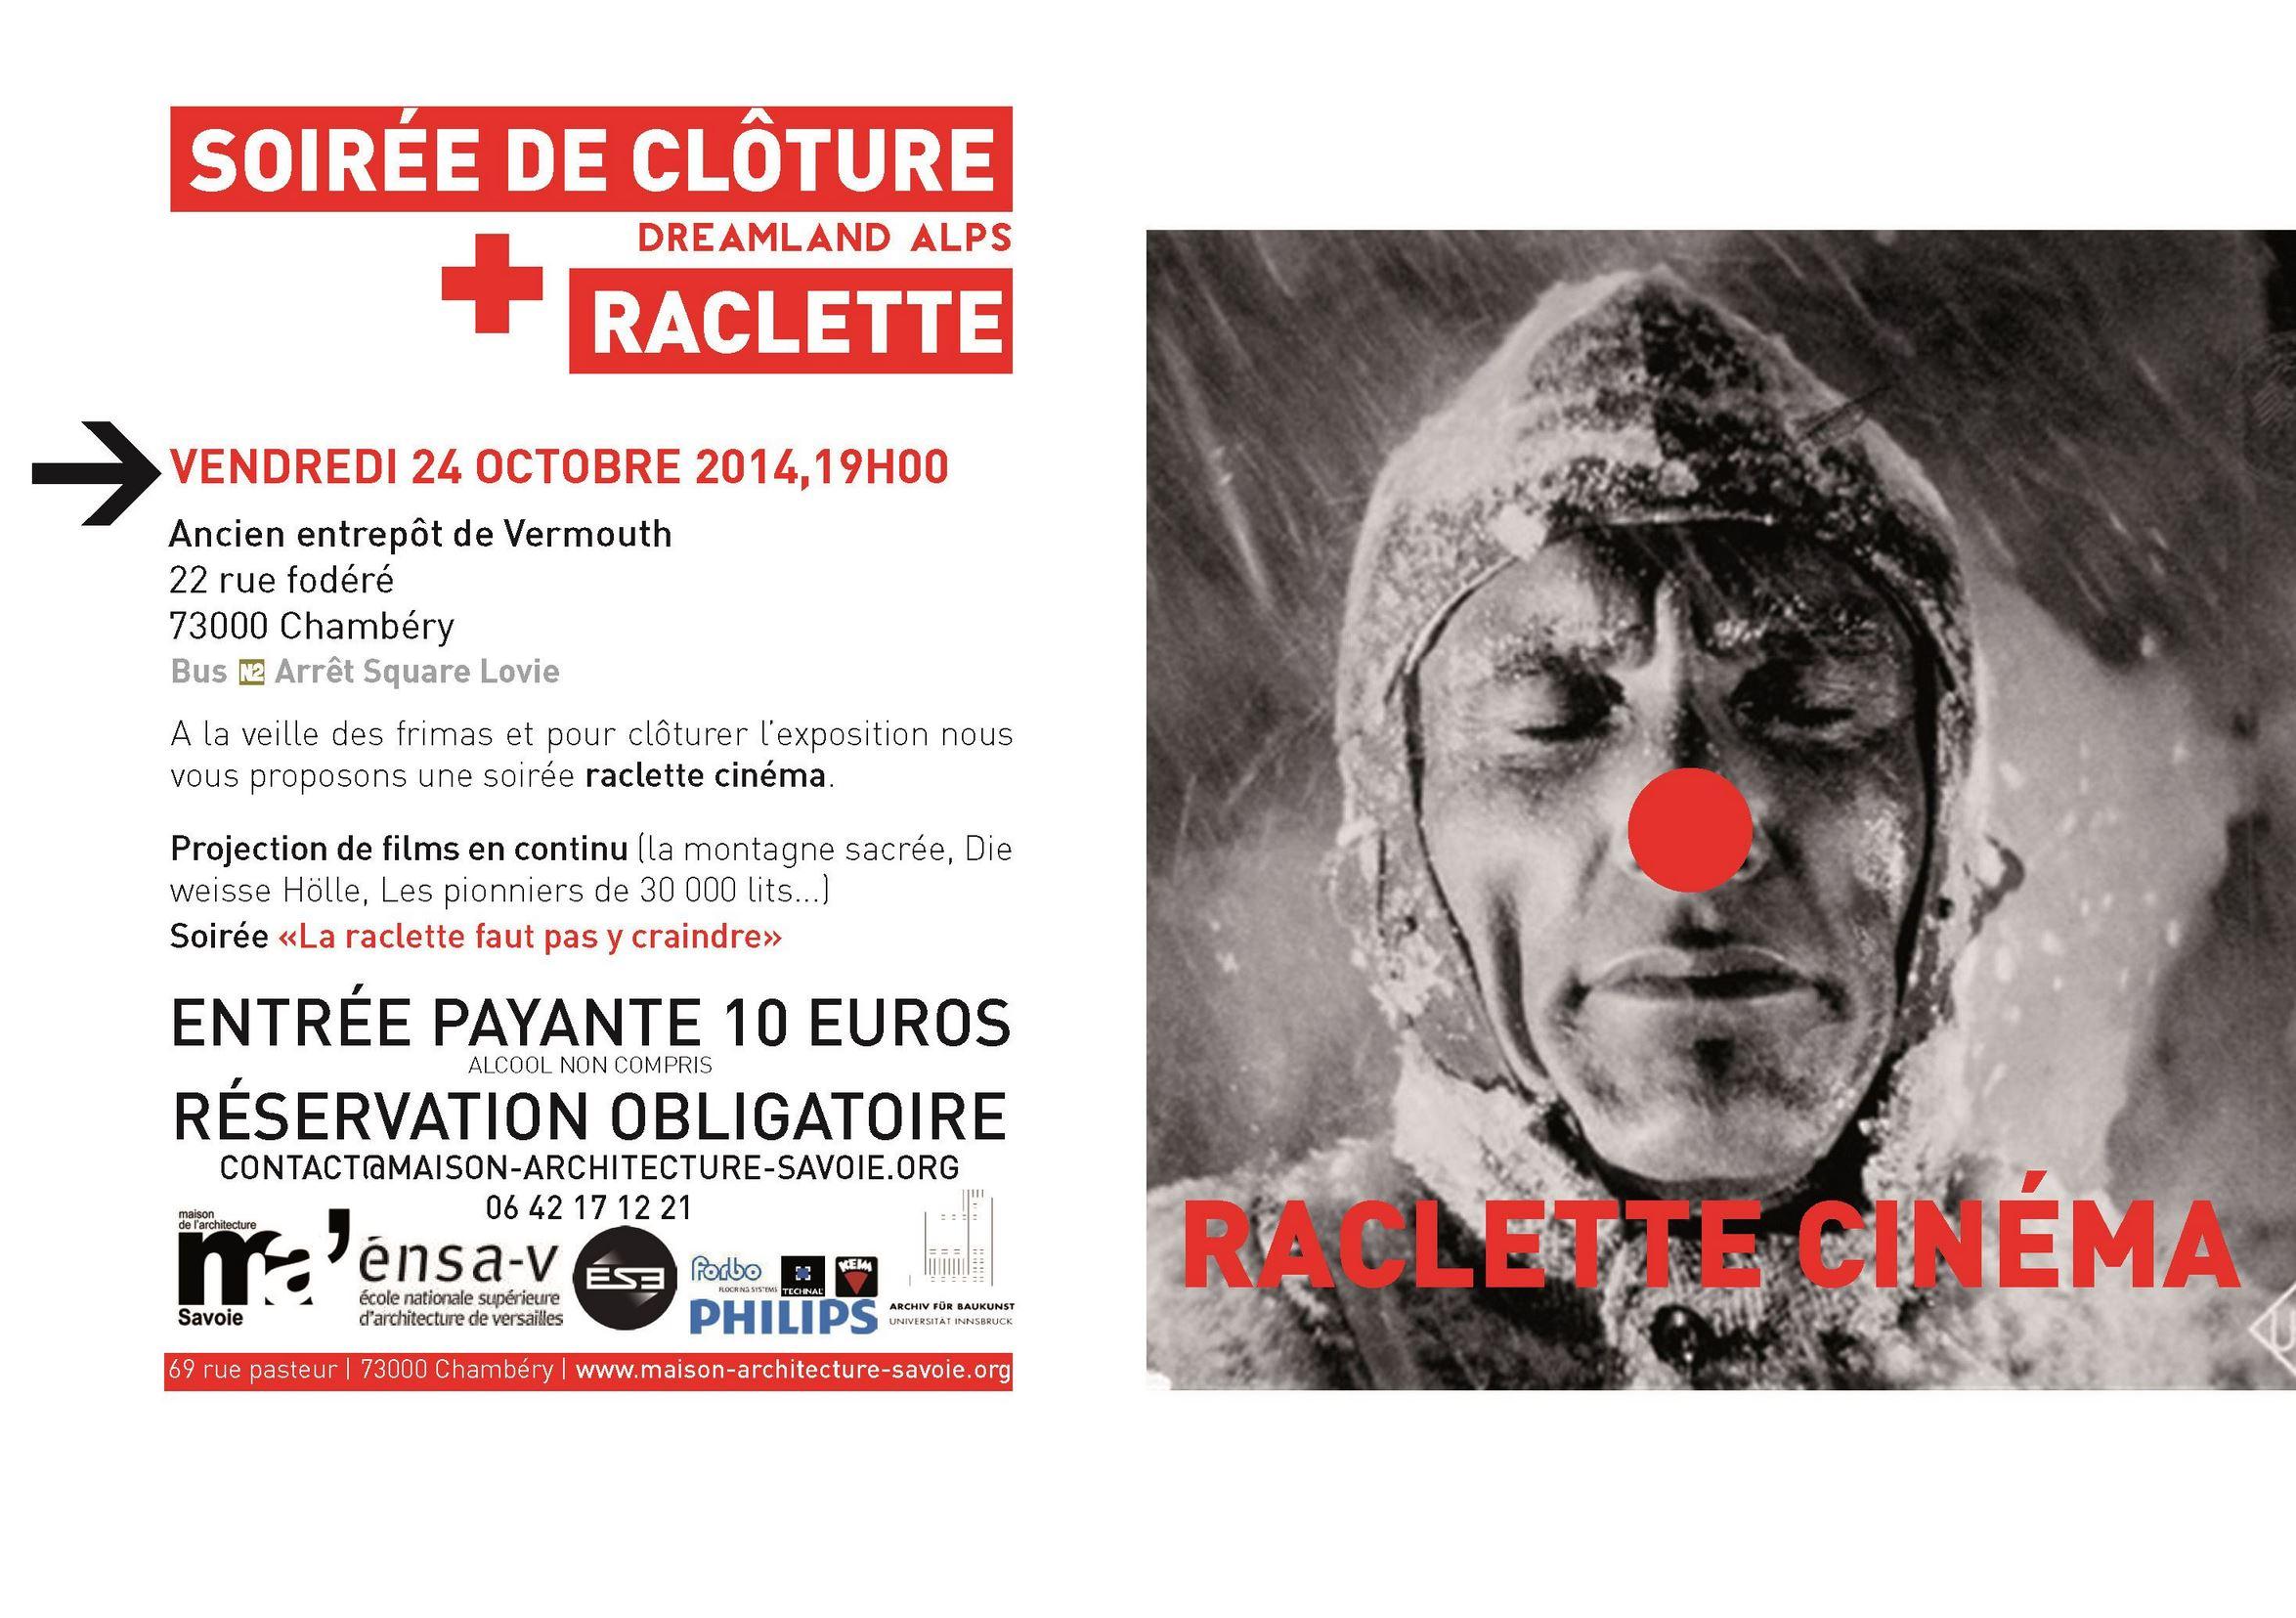 maison de l'architecture de savoie - soirée raclette - soirée de clôture exposition Dreamland Apls